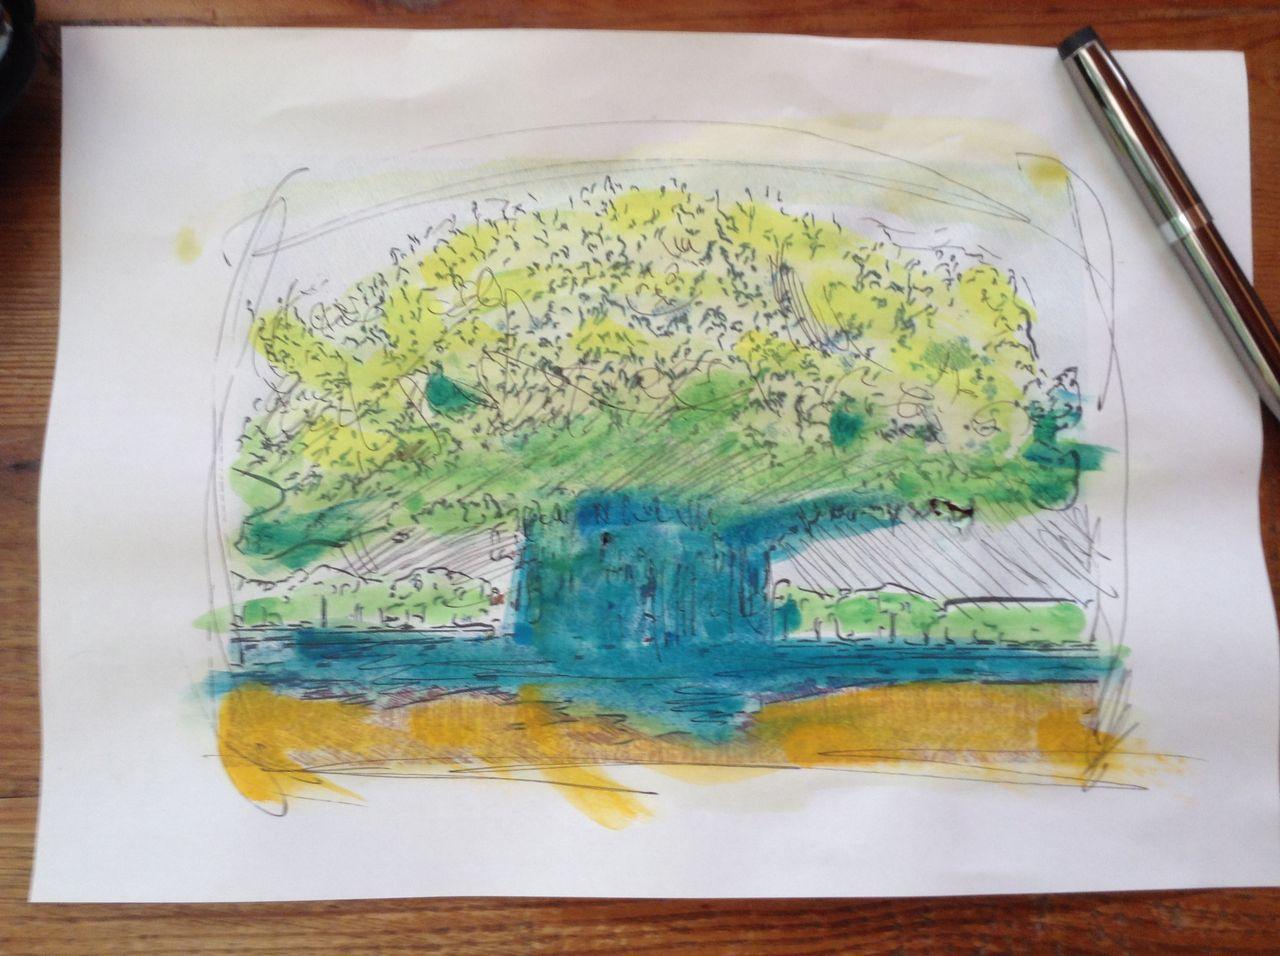 Banyan Tree@Kapiolani Park